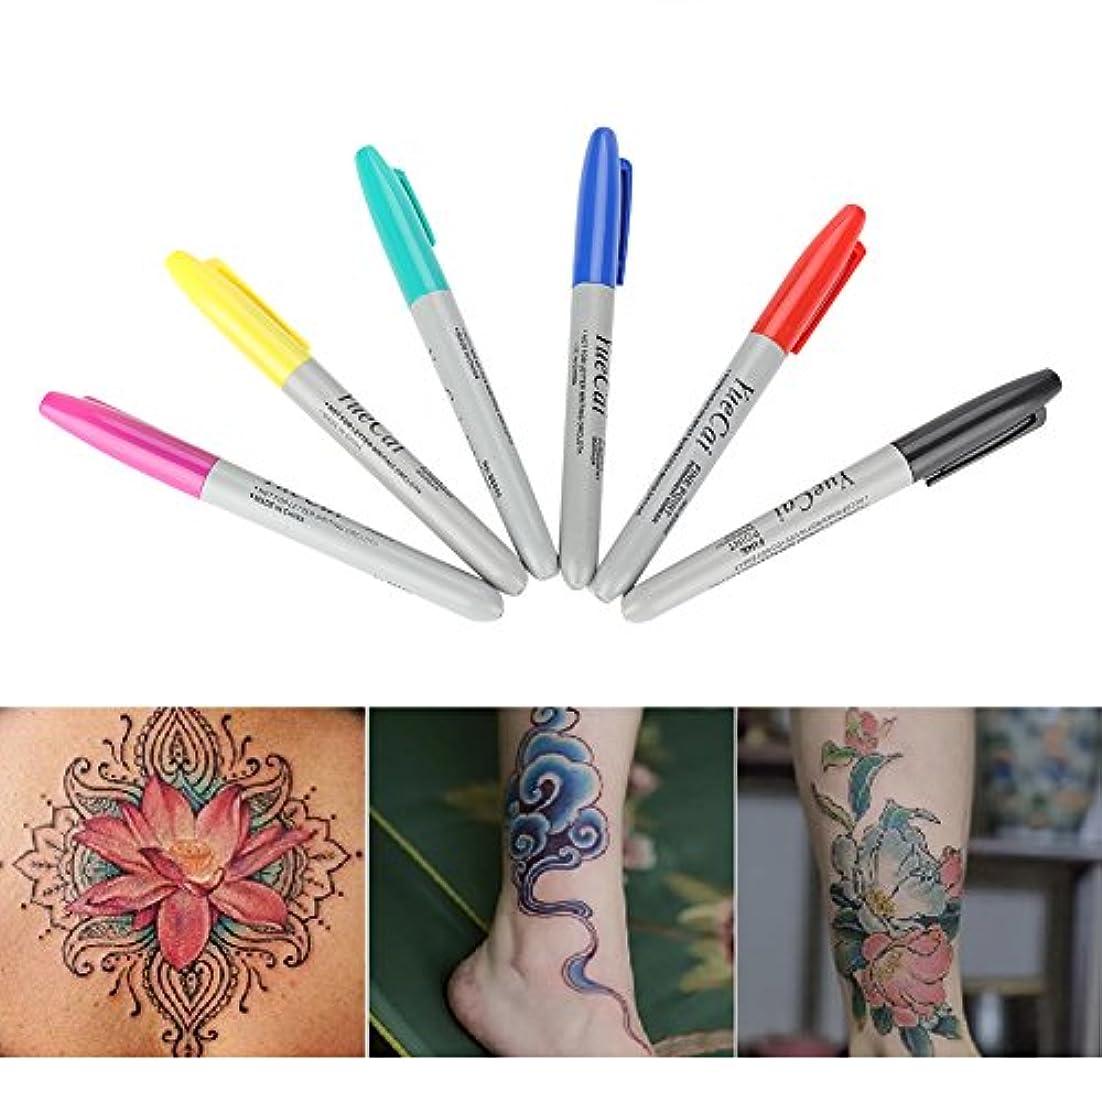 ミネラルパーティション険しい6ピース/セットタトゥースキンマーカー、永久タトゥーペン、位置決めペン永久化粧、タトゥーマーキングスクライブペン用ボディアート美容ツー